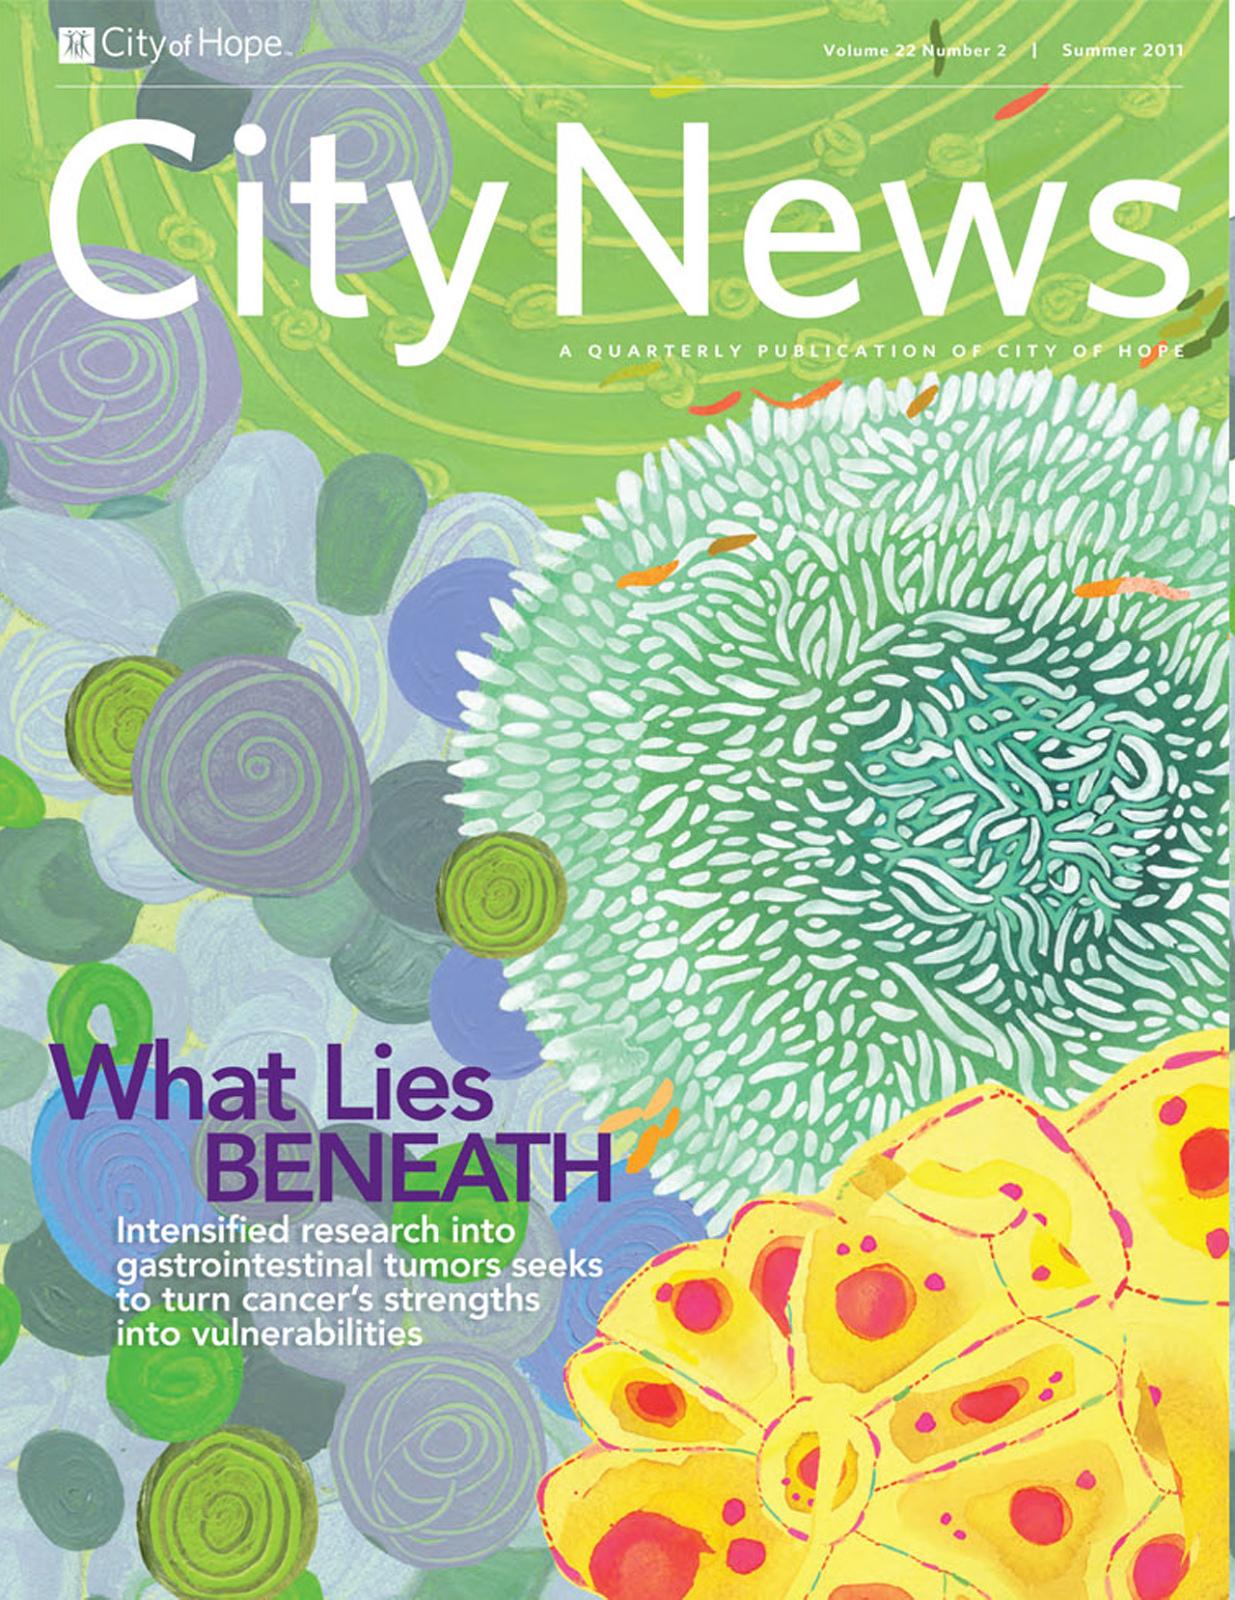 City News, a quarterly publication of City of Hope